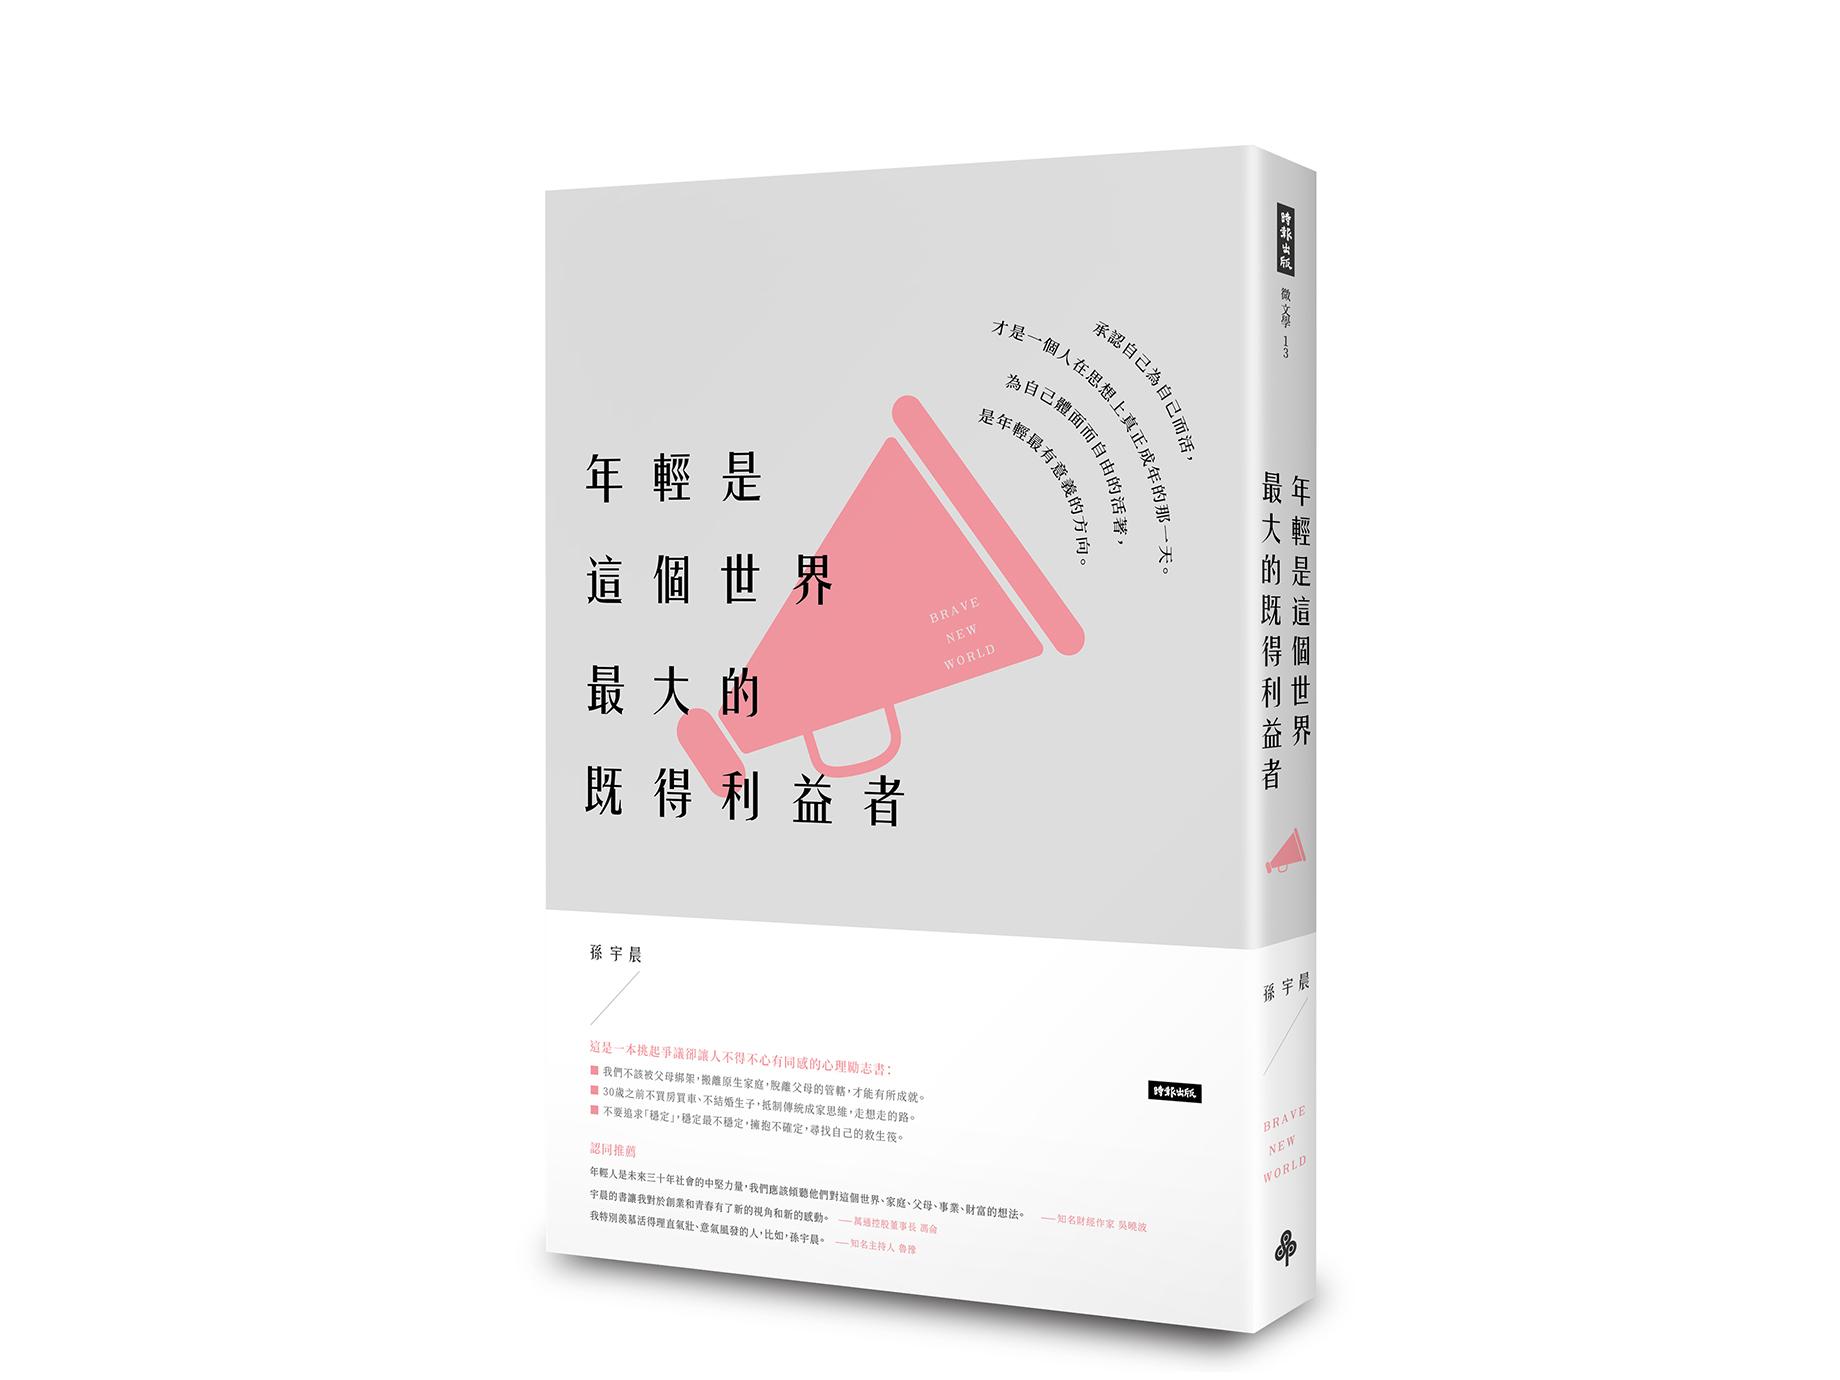 新書搶先看》「興趣」是互聯網創業的第一要素